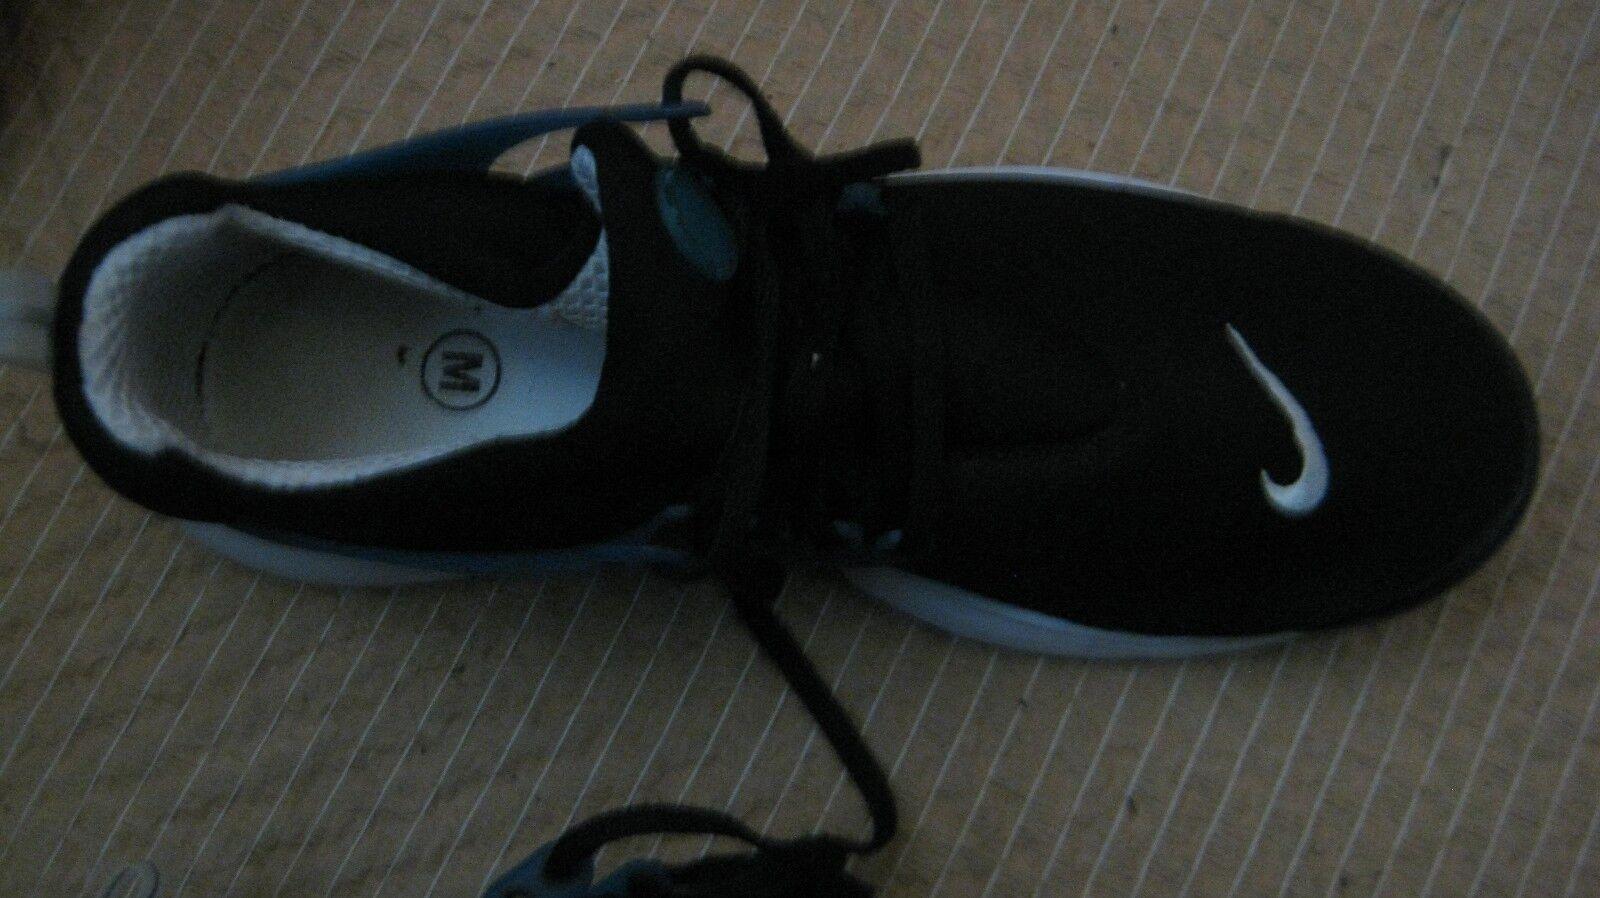 Nike presto   Economico E Pratico  Pratico  Pratico    Gentiluomo/Signora Scarpa  676f5a